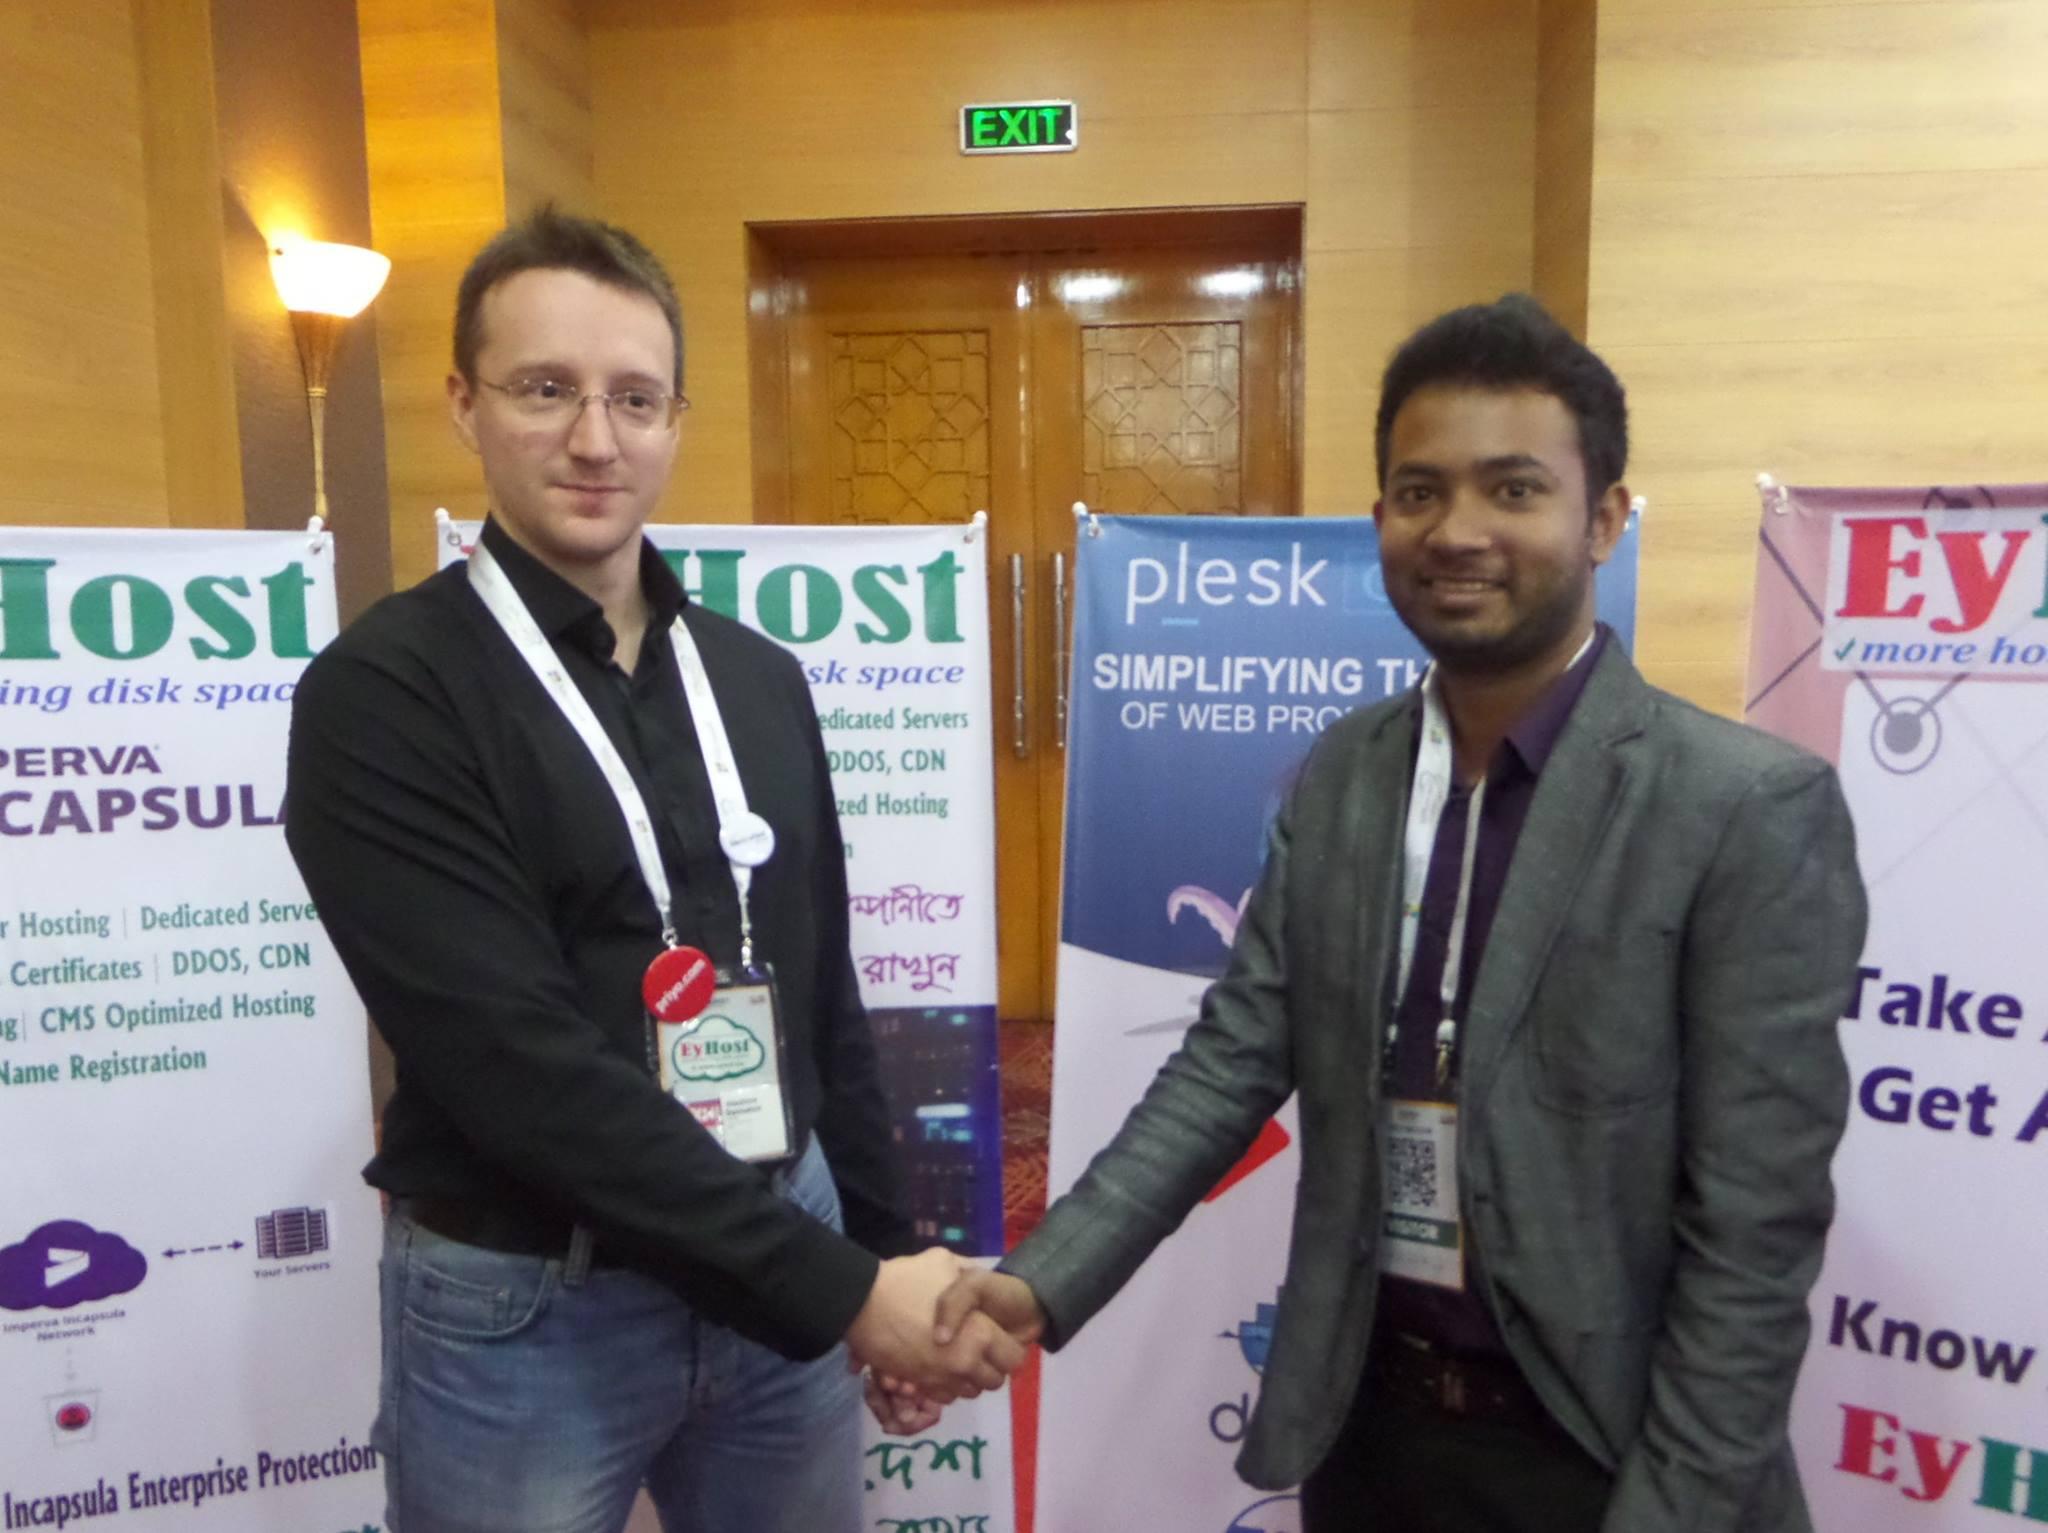 Host Might 's CEO Jobair Alam Bipul Meet with Plesk Sales engineer